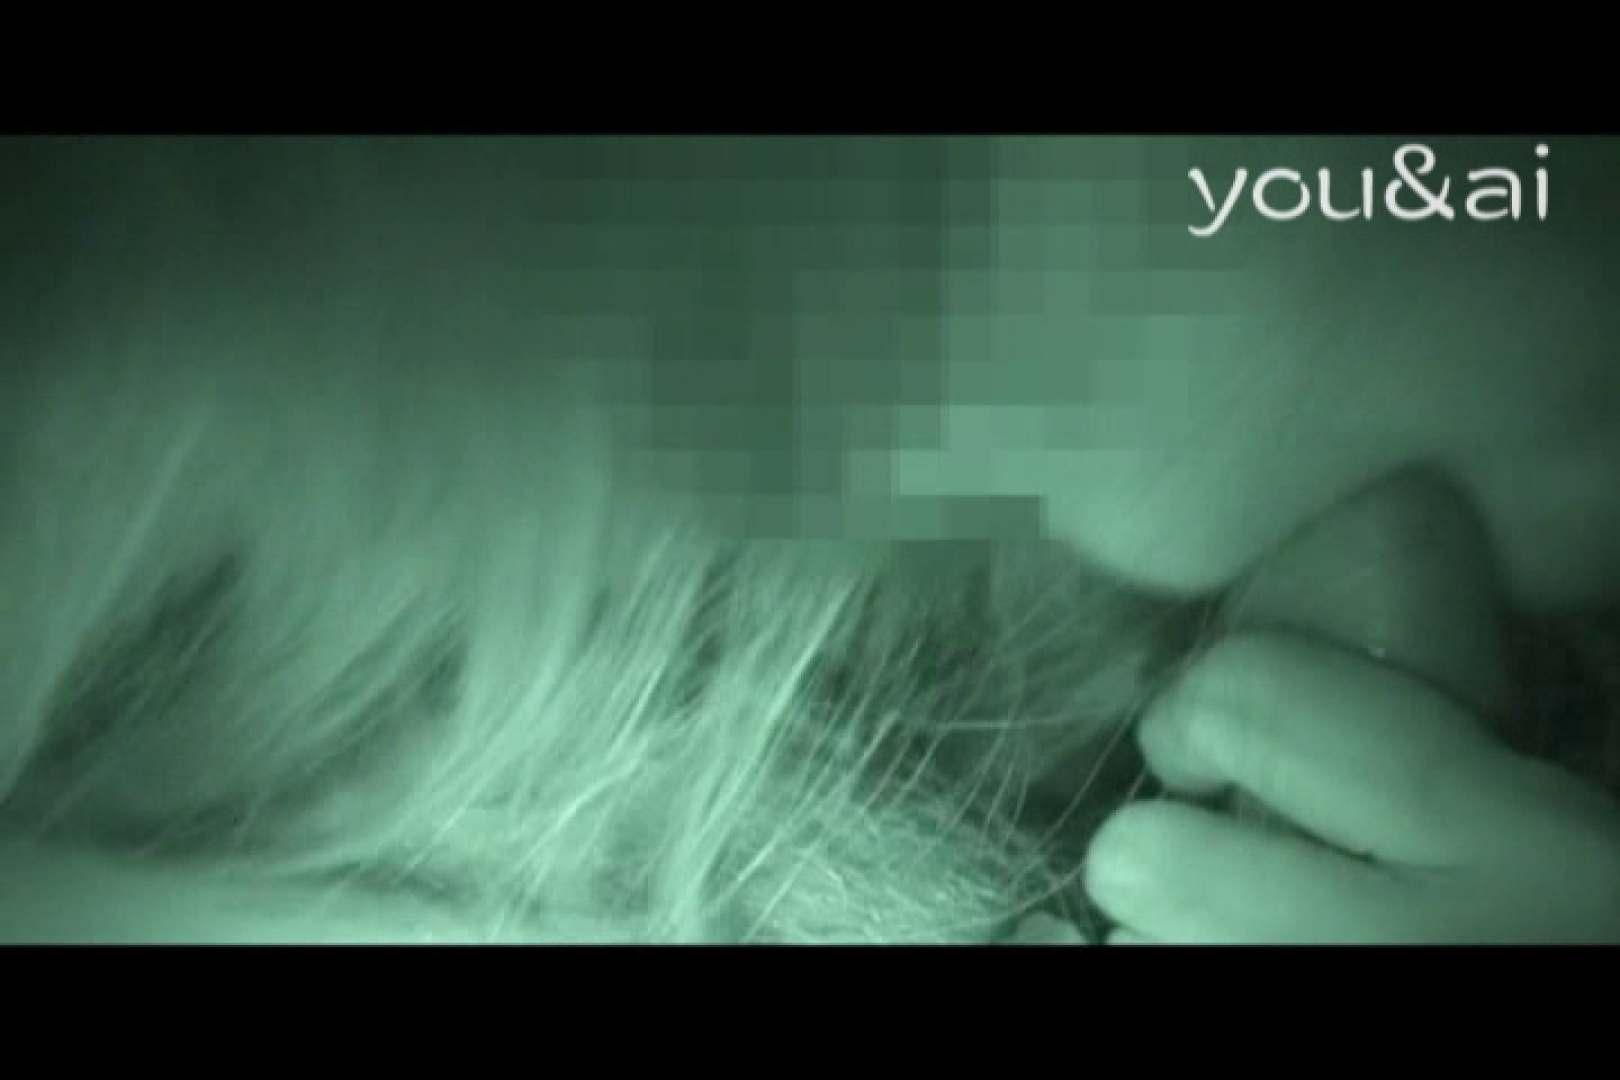 おしどり夫婦のyou&aiさん投稿作品vol.4 綺麗なOLたち ワレメ動画紹介 104枚 100